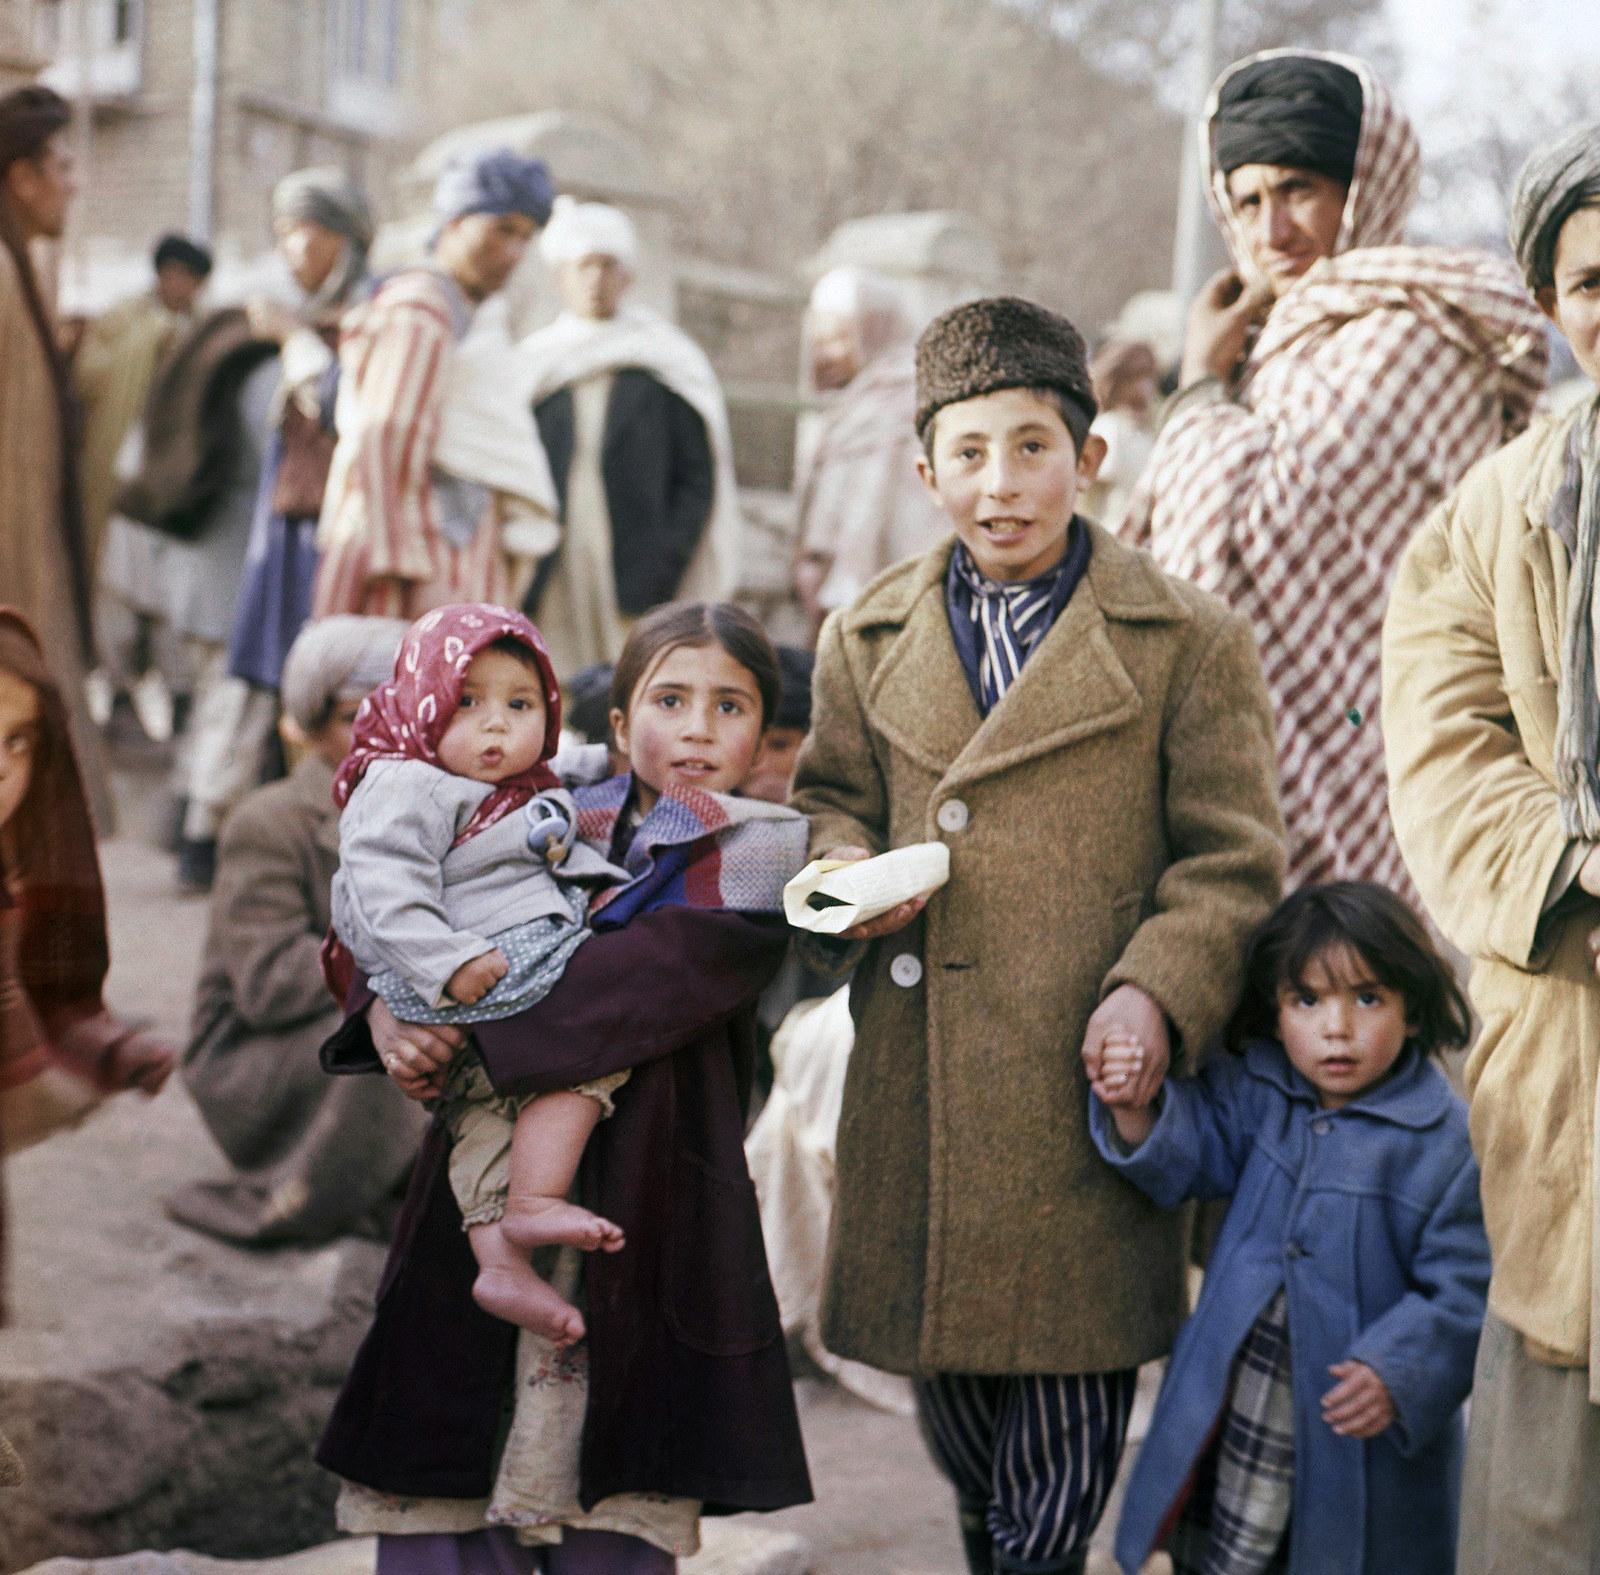 Дети сфотографированные на улице, Кабул, ноябрь 1961.